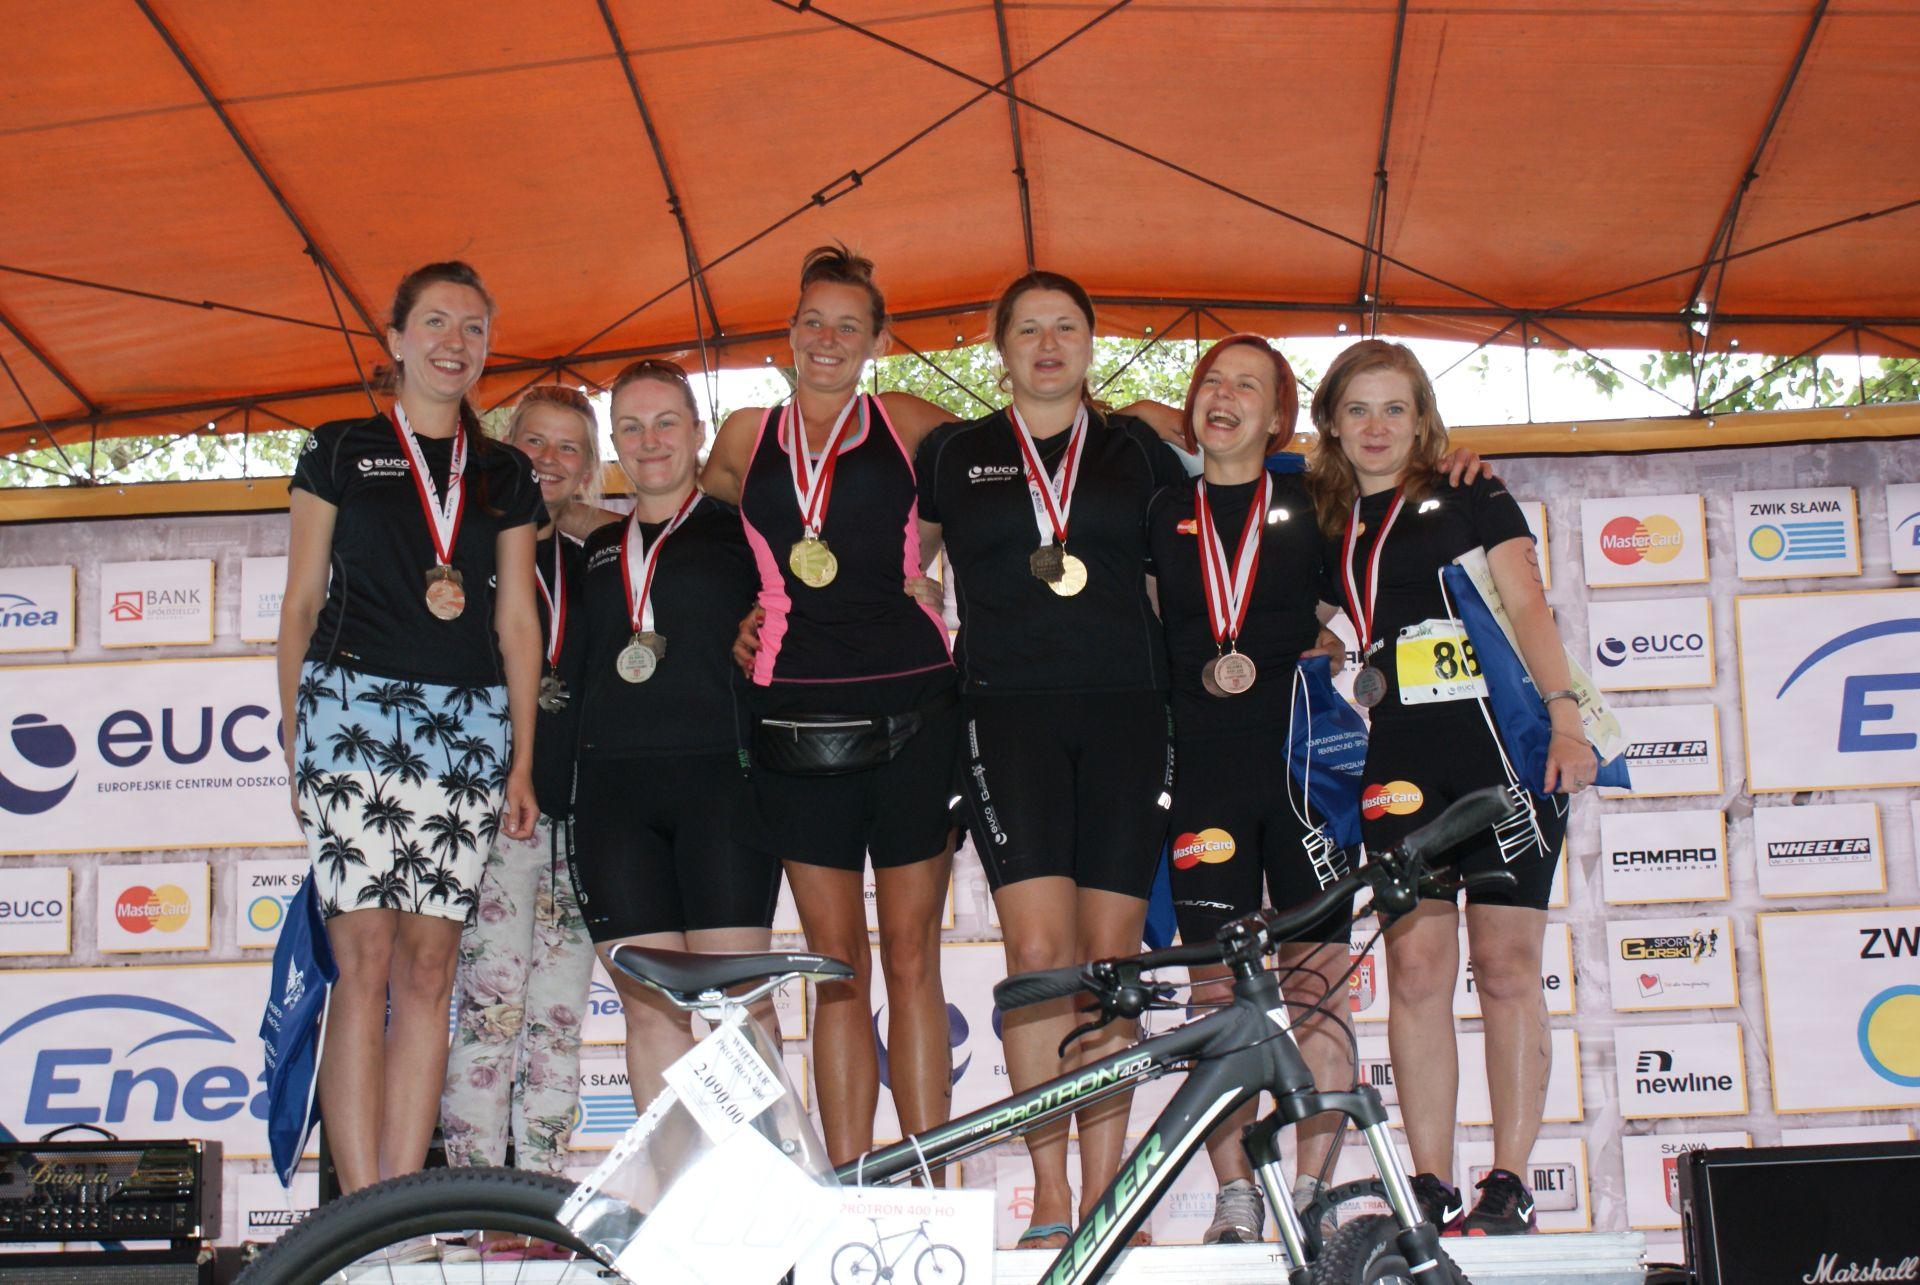 Sławski Festiwal Triathlonu 2015